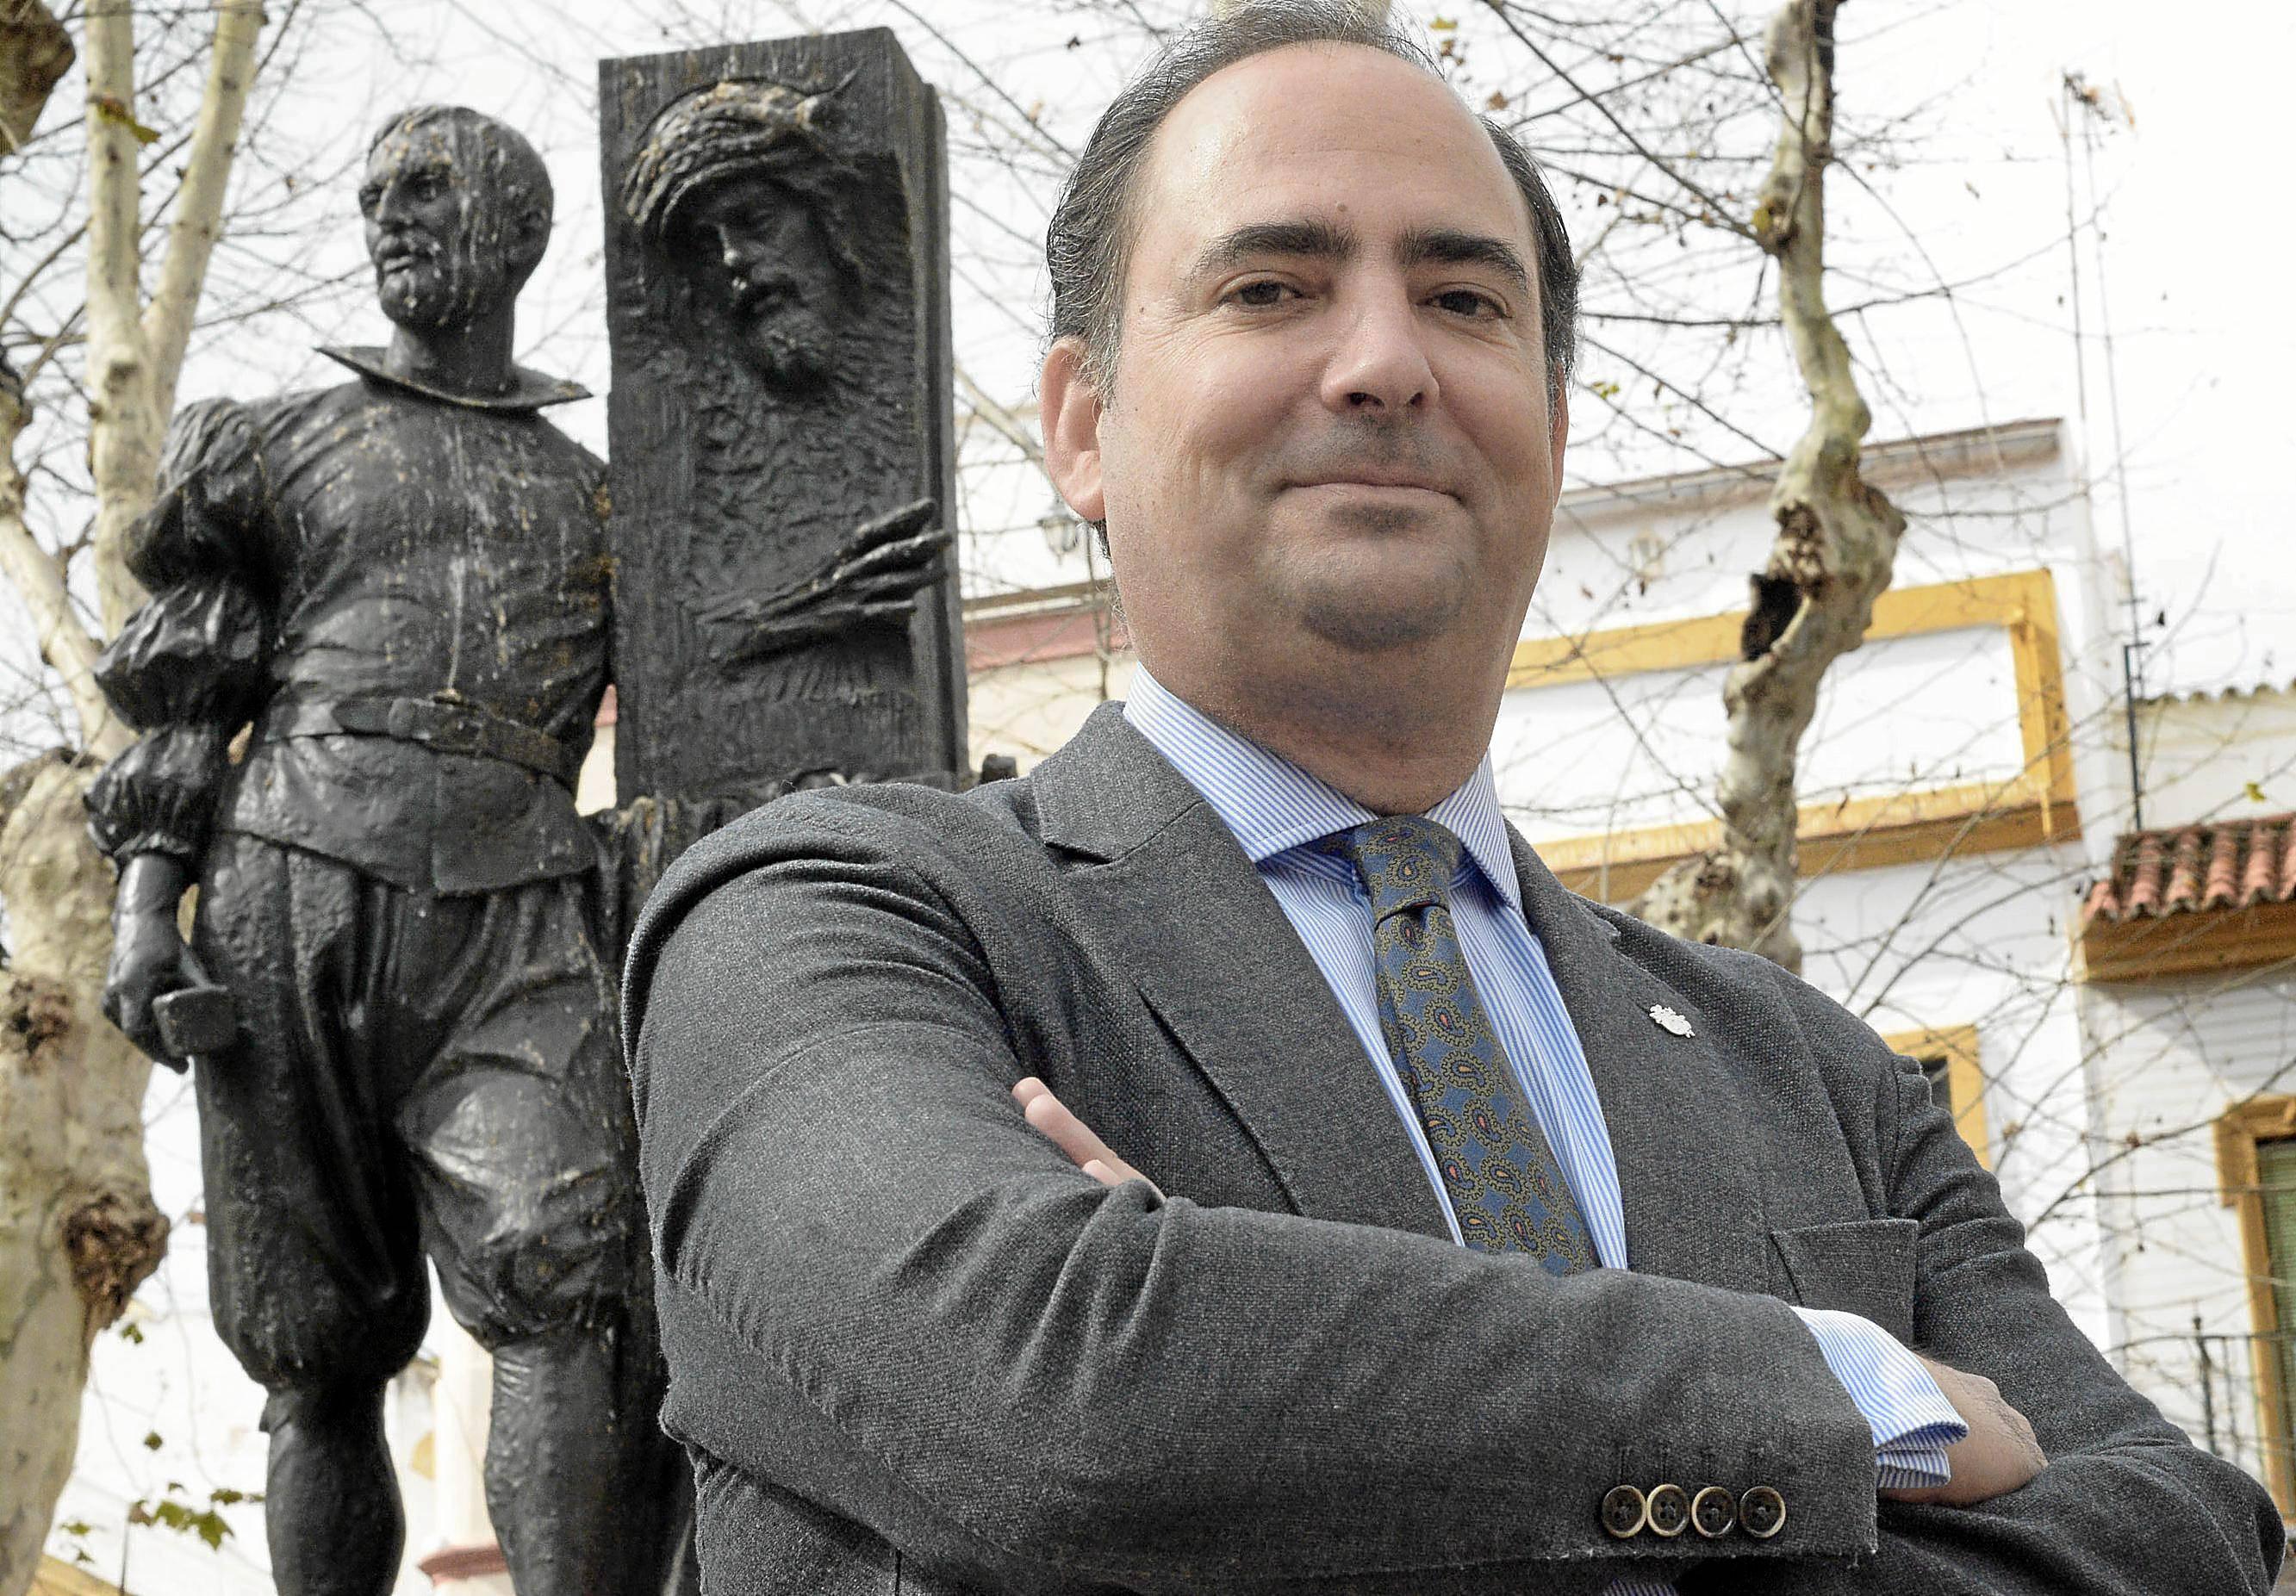 Félix Ríos, hermano mayor del Gran Poder, posa junto al monumento levantado a Juan de Mesa en la plaza de San Lorenzo. / Manuel Gómez